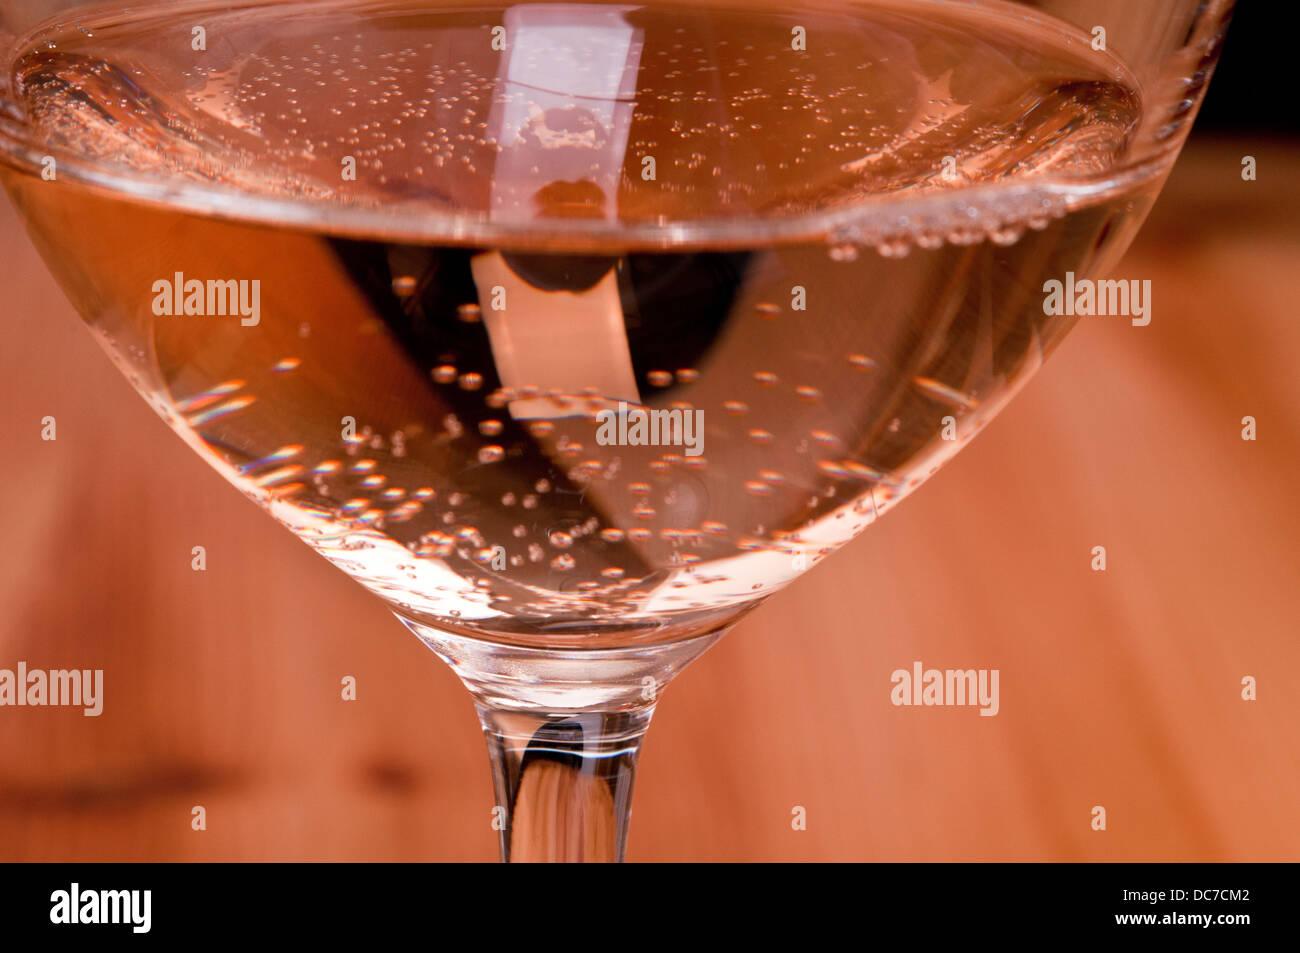 El ácido carbónico en un vaso de vino rosado Imagen De Stock